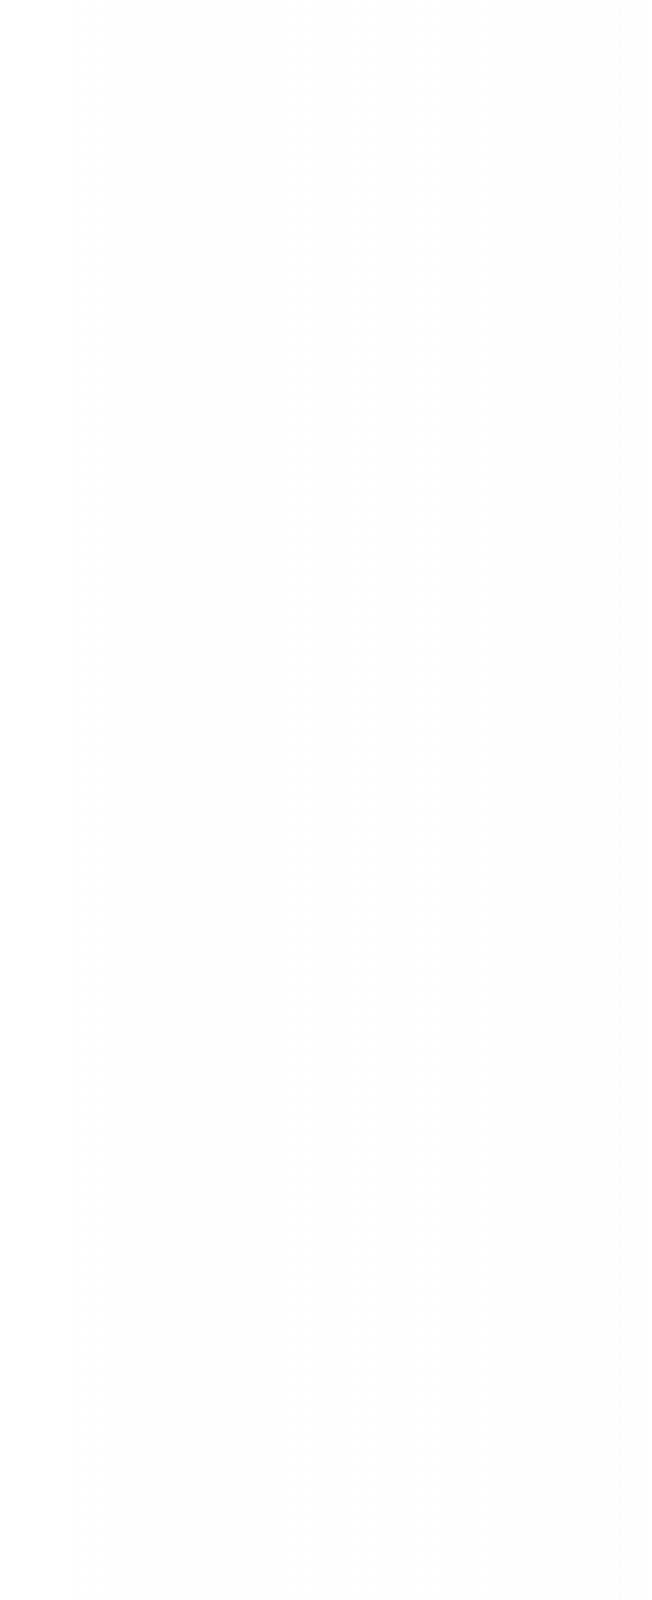 Bornholmer Standuhr aus alter Zeit